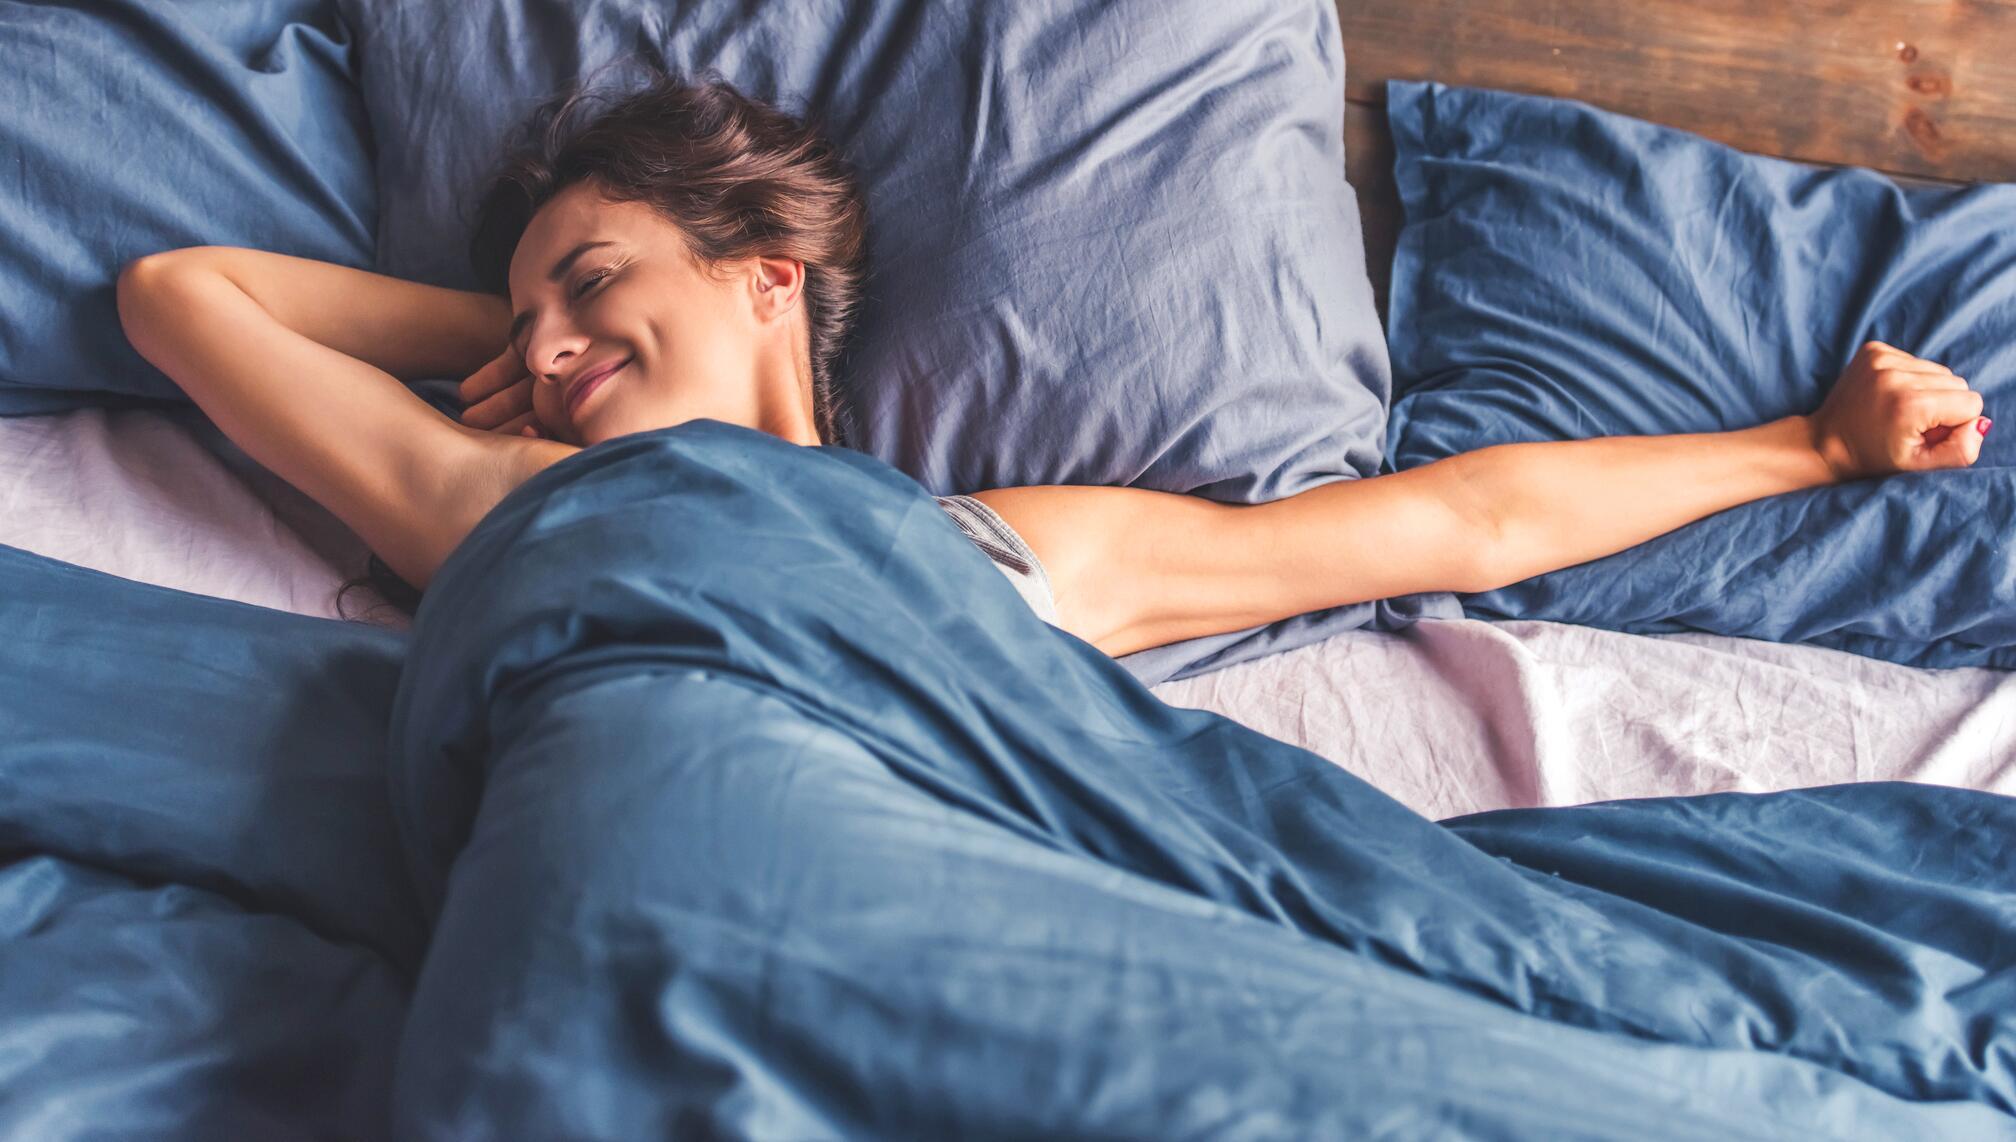 Bild zu schlaf, schlafen, schnarchen, schlafbrille, schnarchstopper, träume, kissen, tee